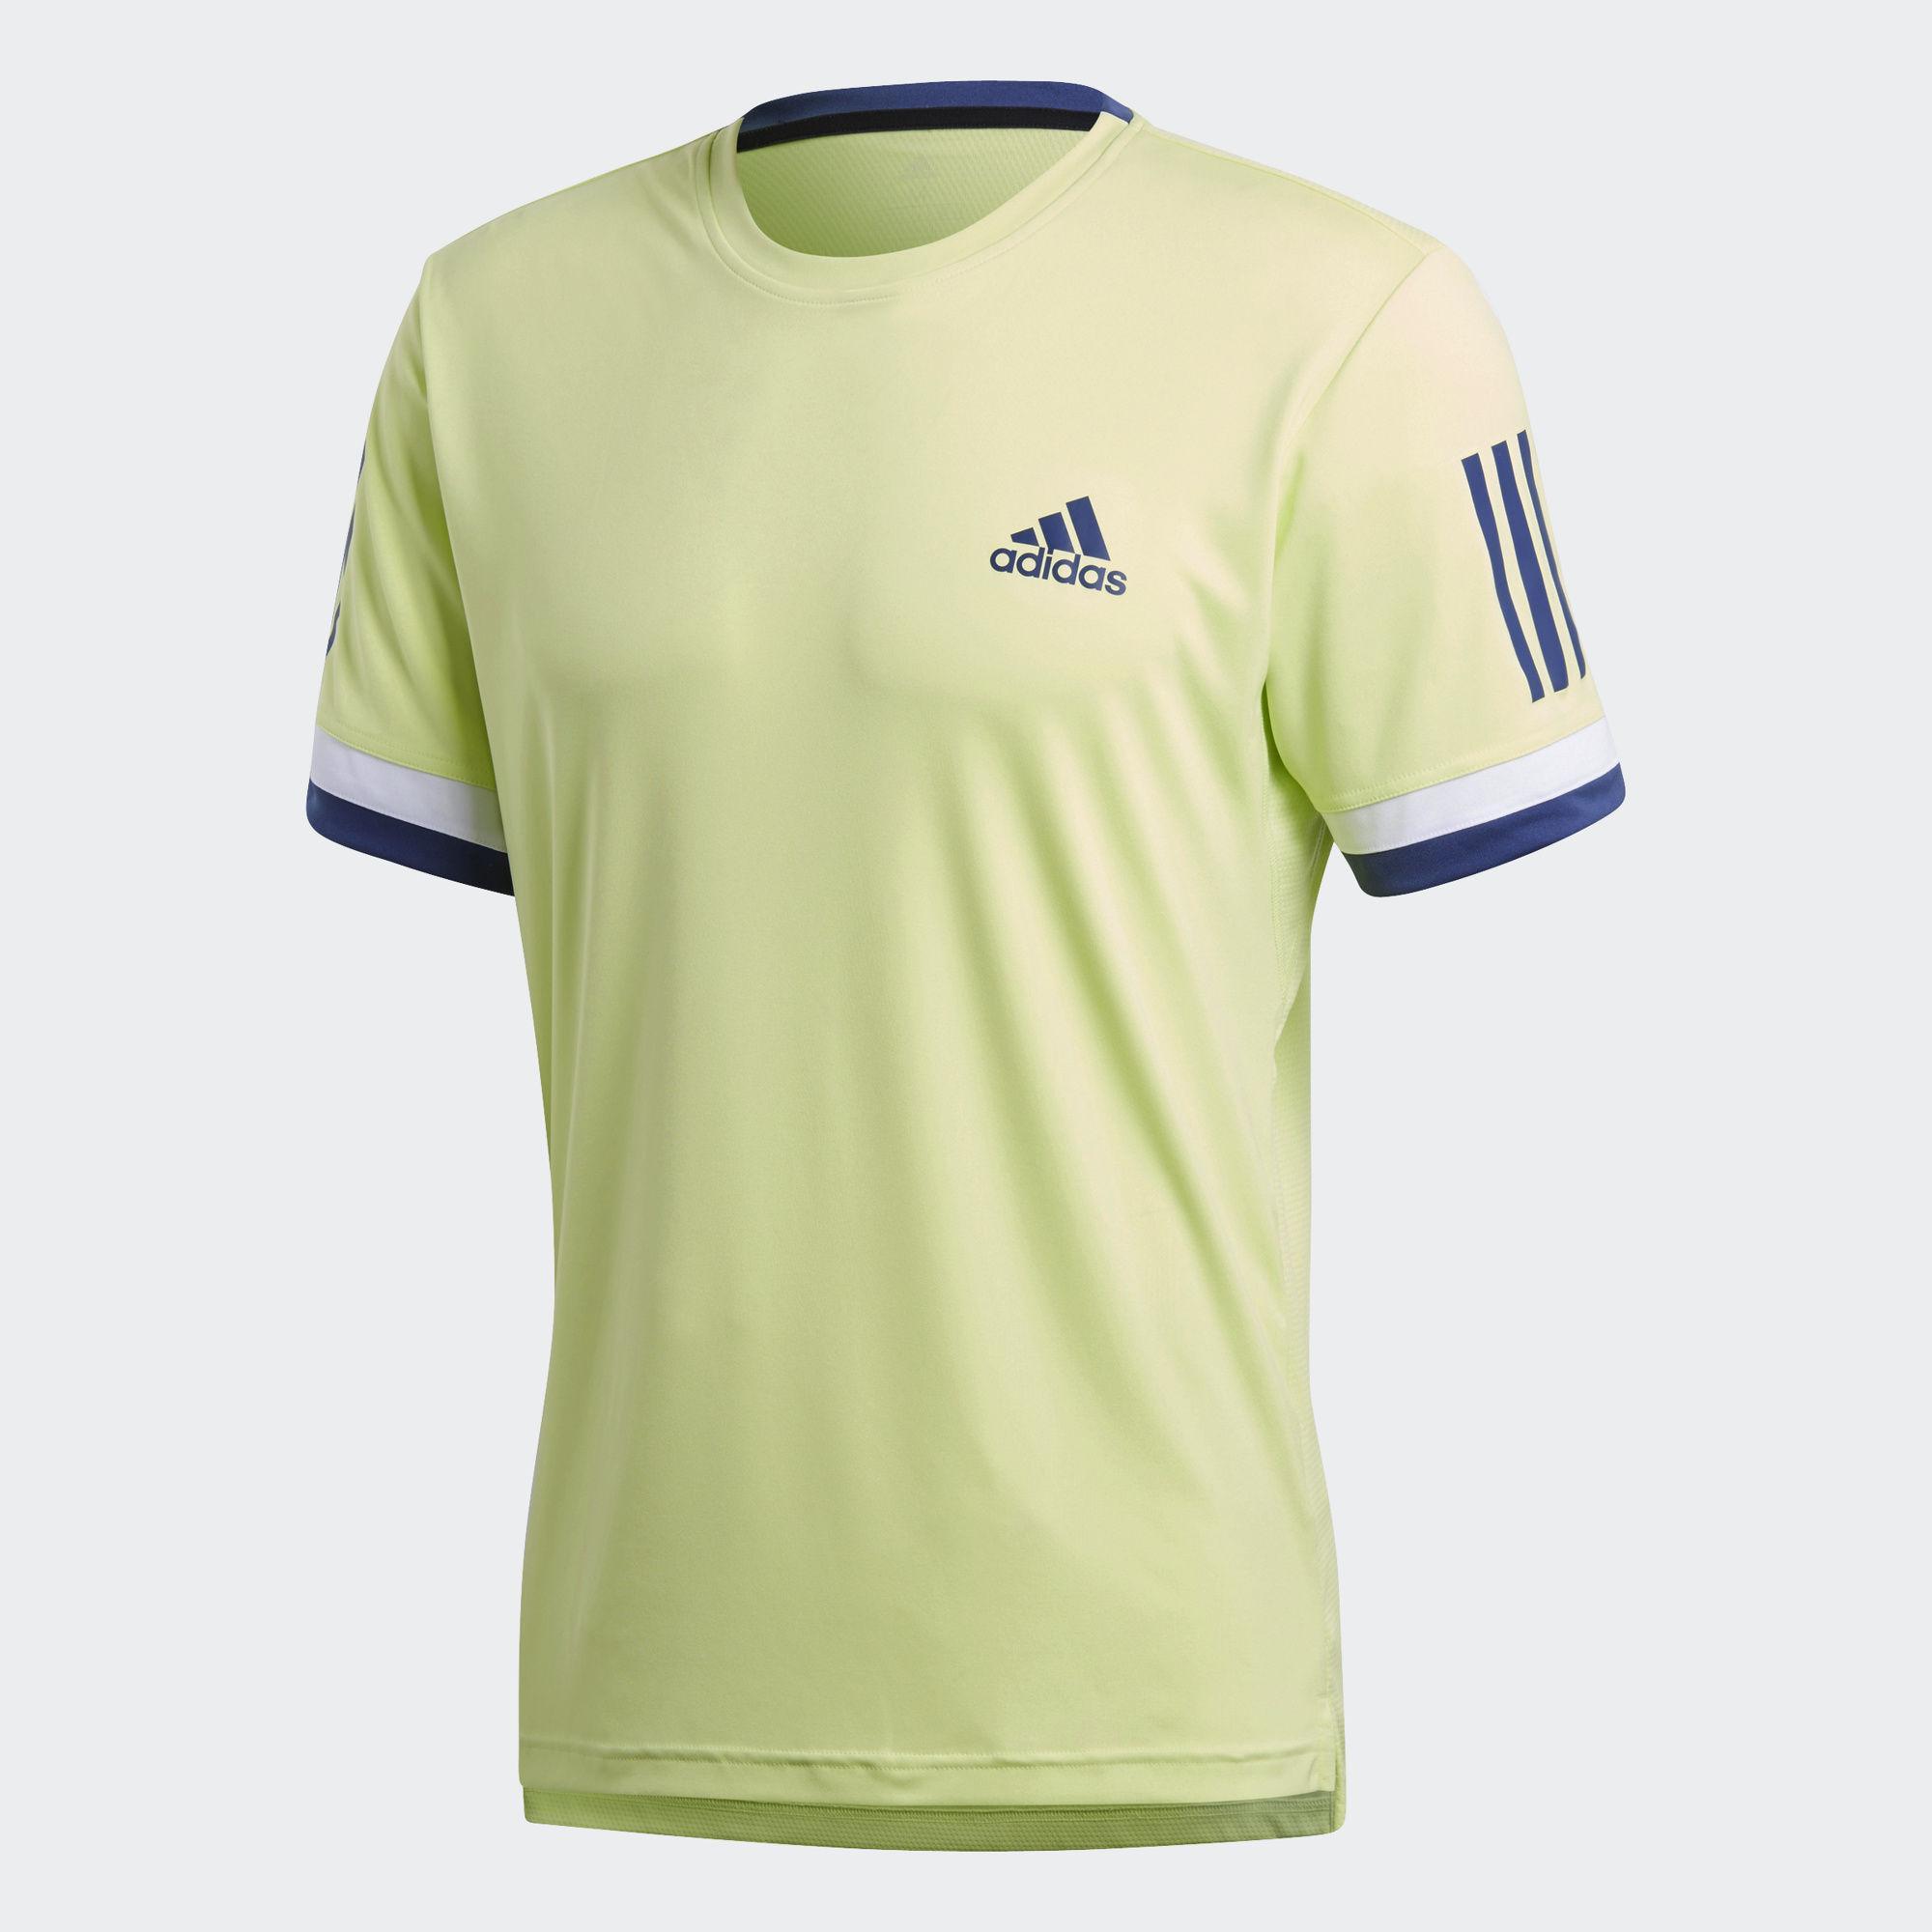 Adidas Mens 3-Stripes Club Tee - Semi